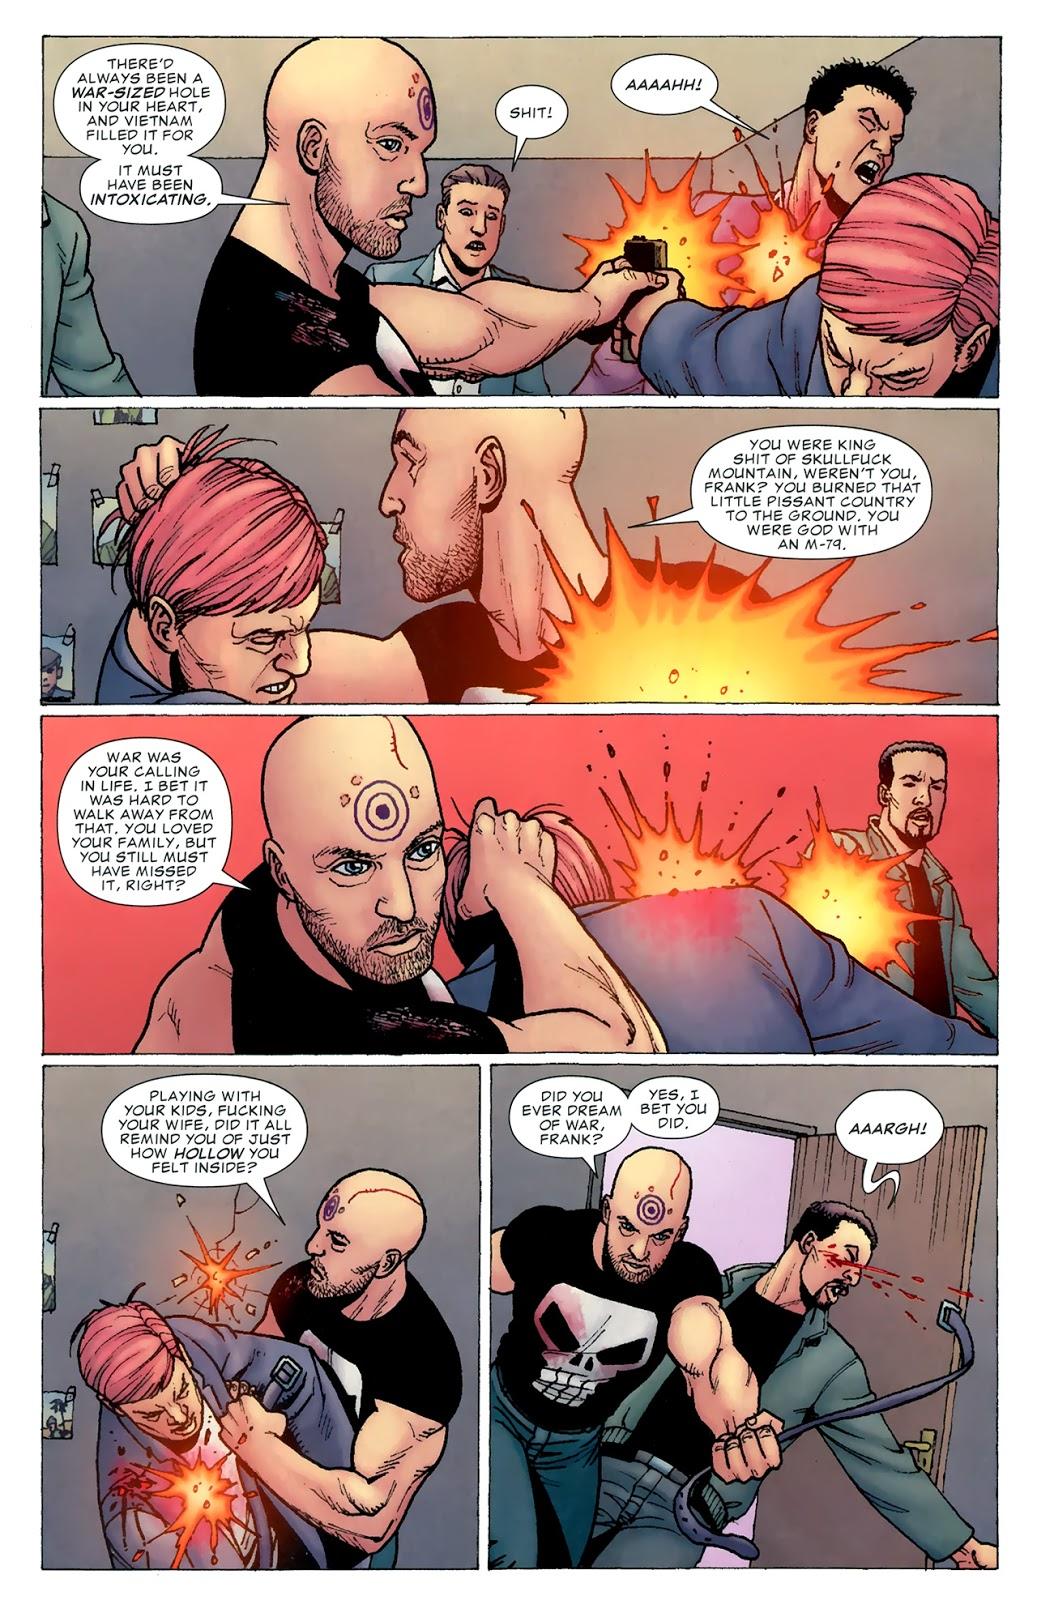 10 жестоких комиксов про Карателя. - Изображение 11